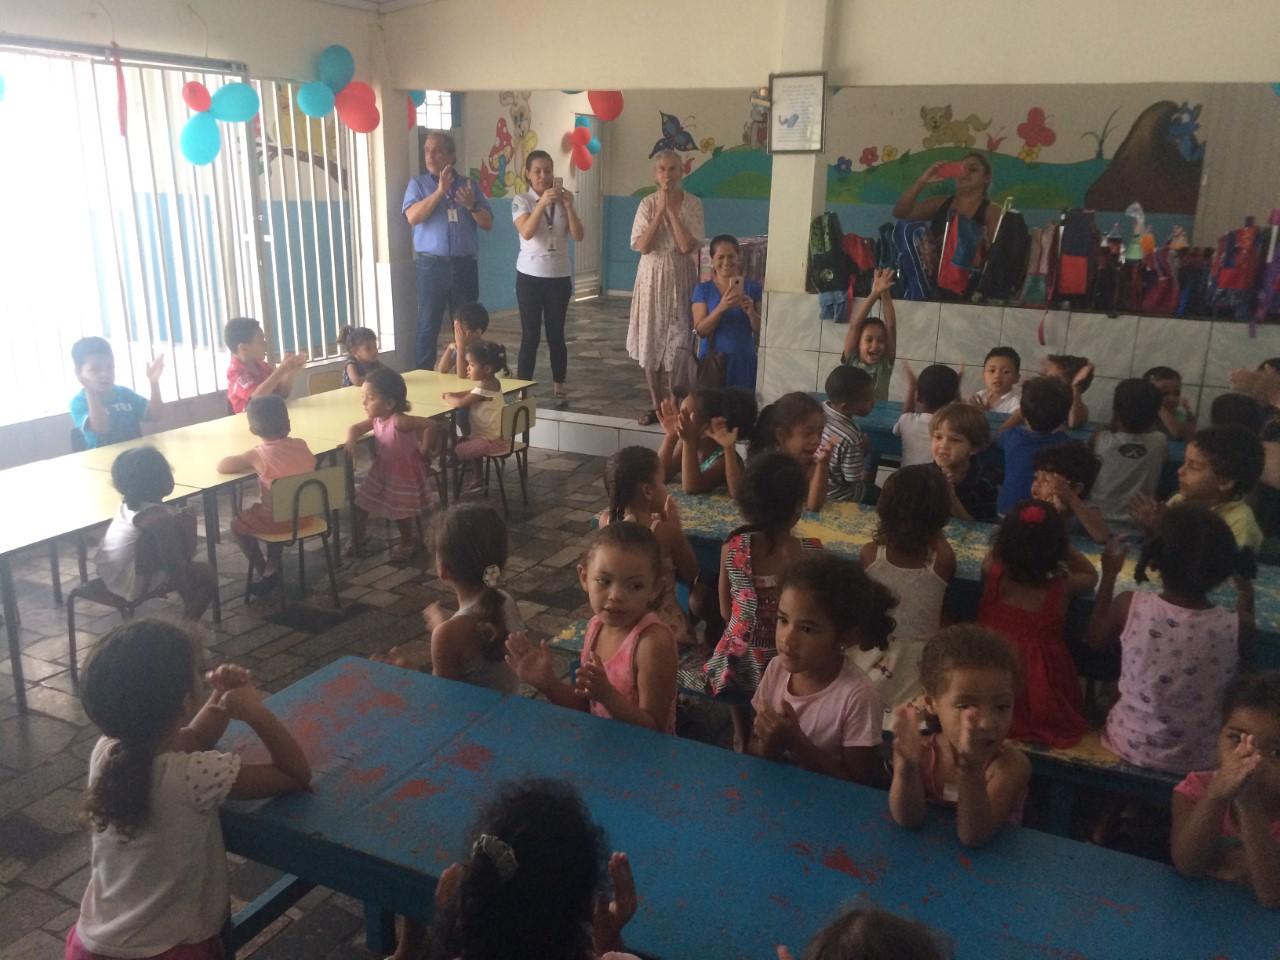 Trabalhadores da construção civil organizaram ação filantrópica em creche de Aparecida de Goiânia